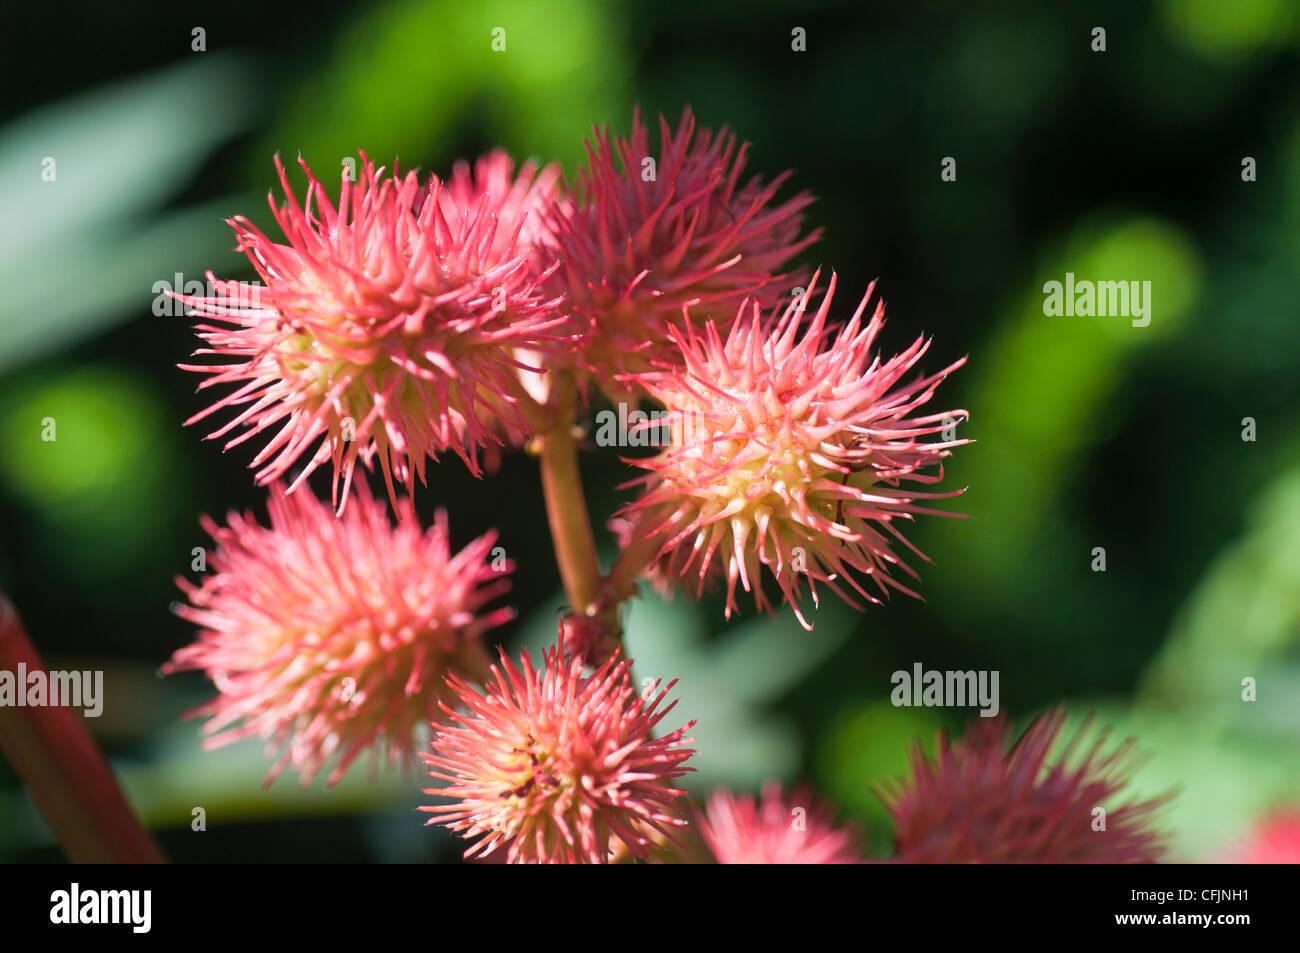 Red flowers of Castor Bean, Ricinus Communis, Euphorbiaceae - Stock Image